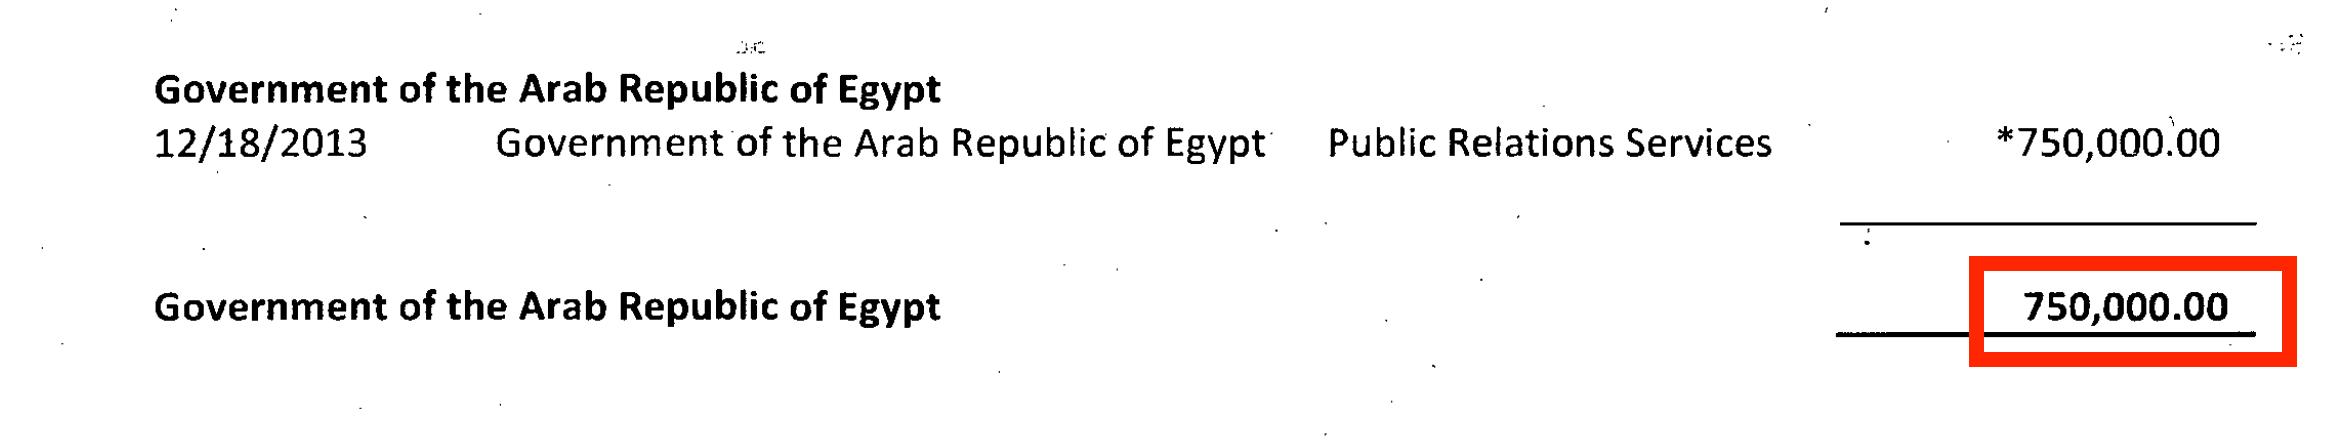 مدفوعات جلوفر بارك من الحكومة المصرية